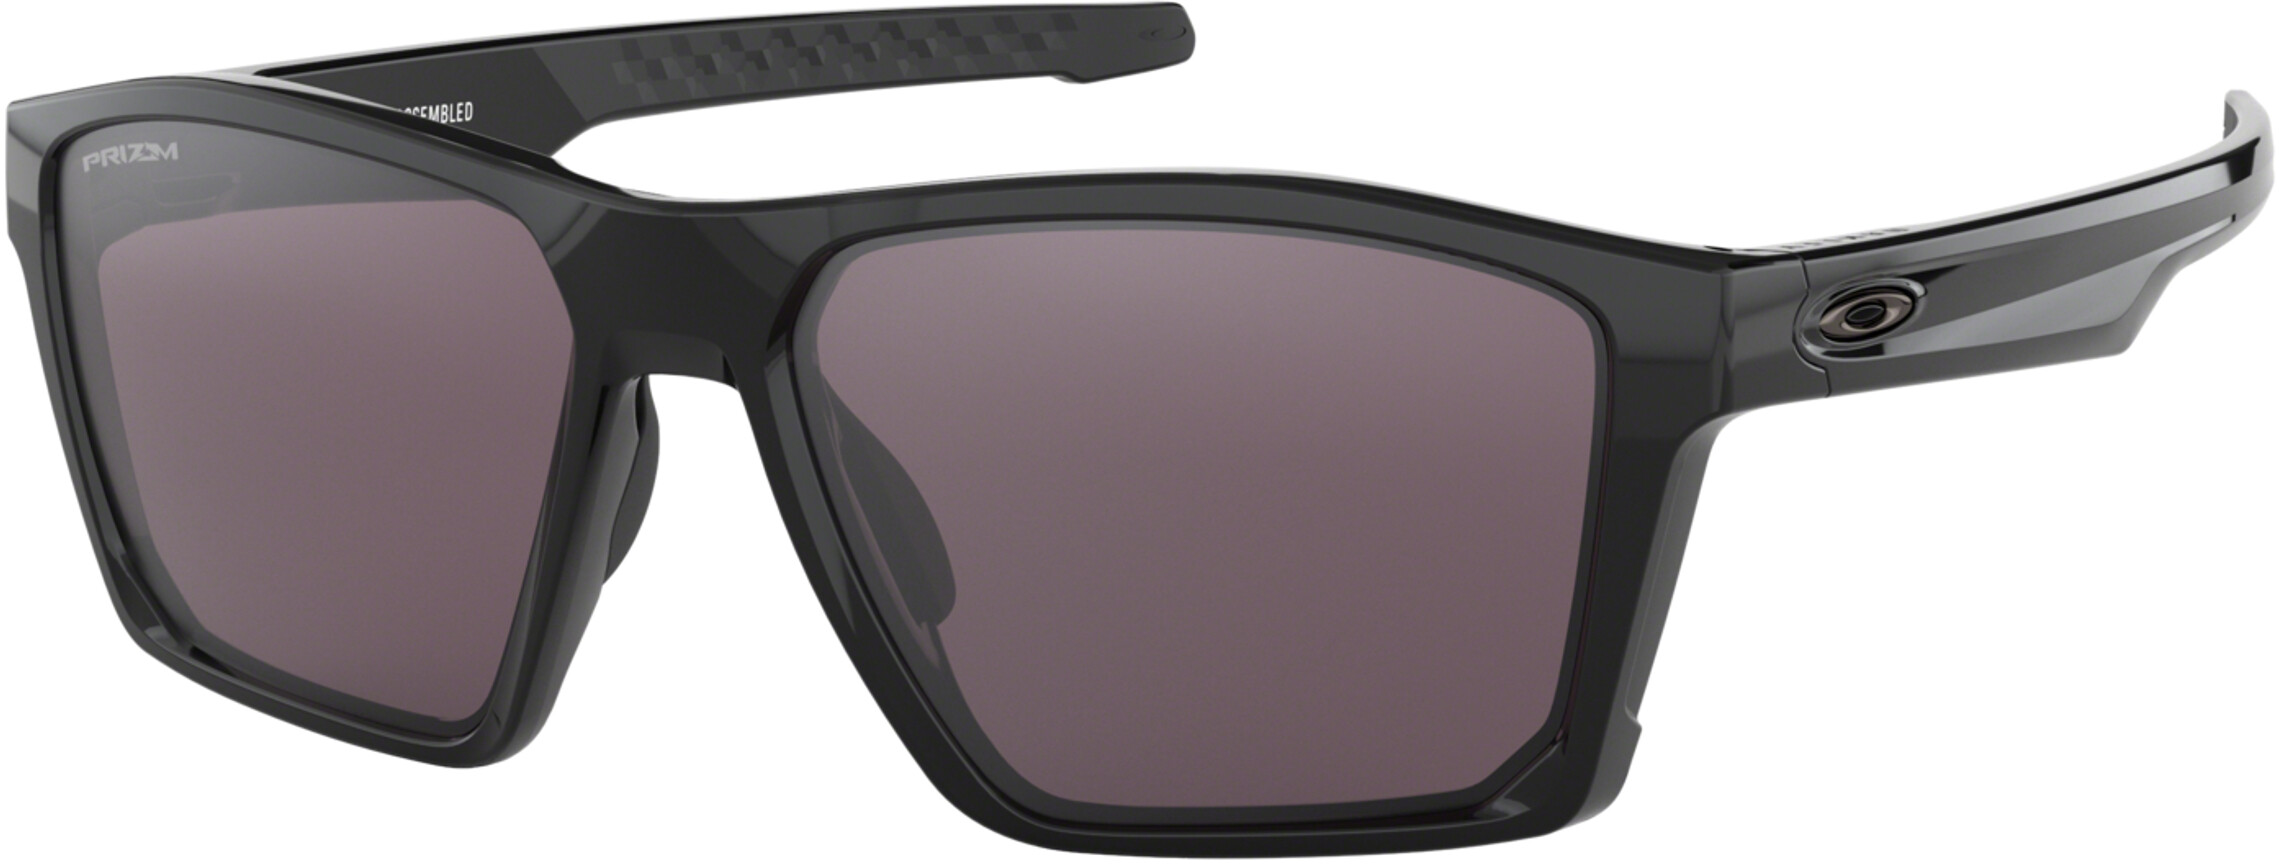 ee2ca4a6260 Oakley Targetline Bike Glasses black at Bikester.co.uk